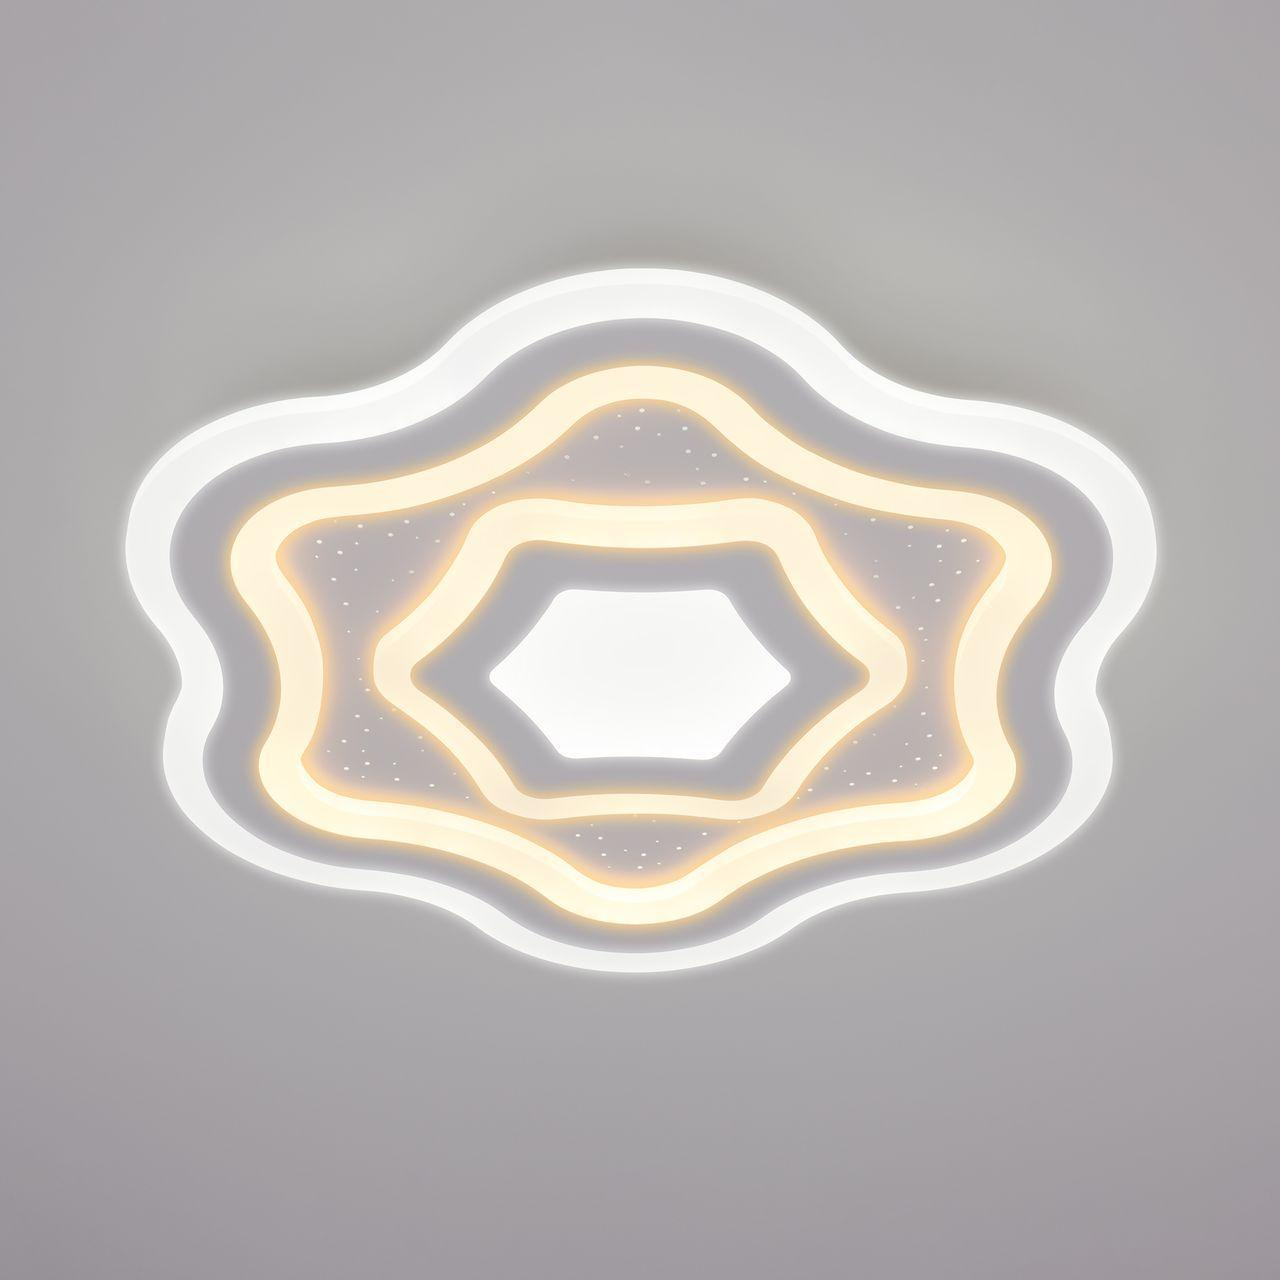 Потолочный светильник Eurosvet 90151/5 белый, белый цена